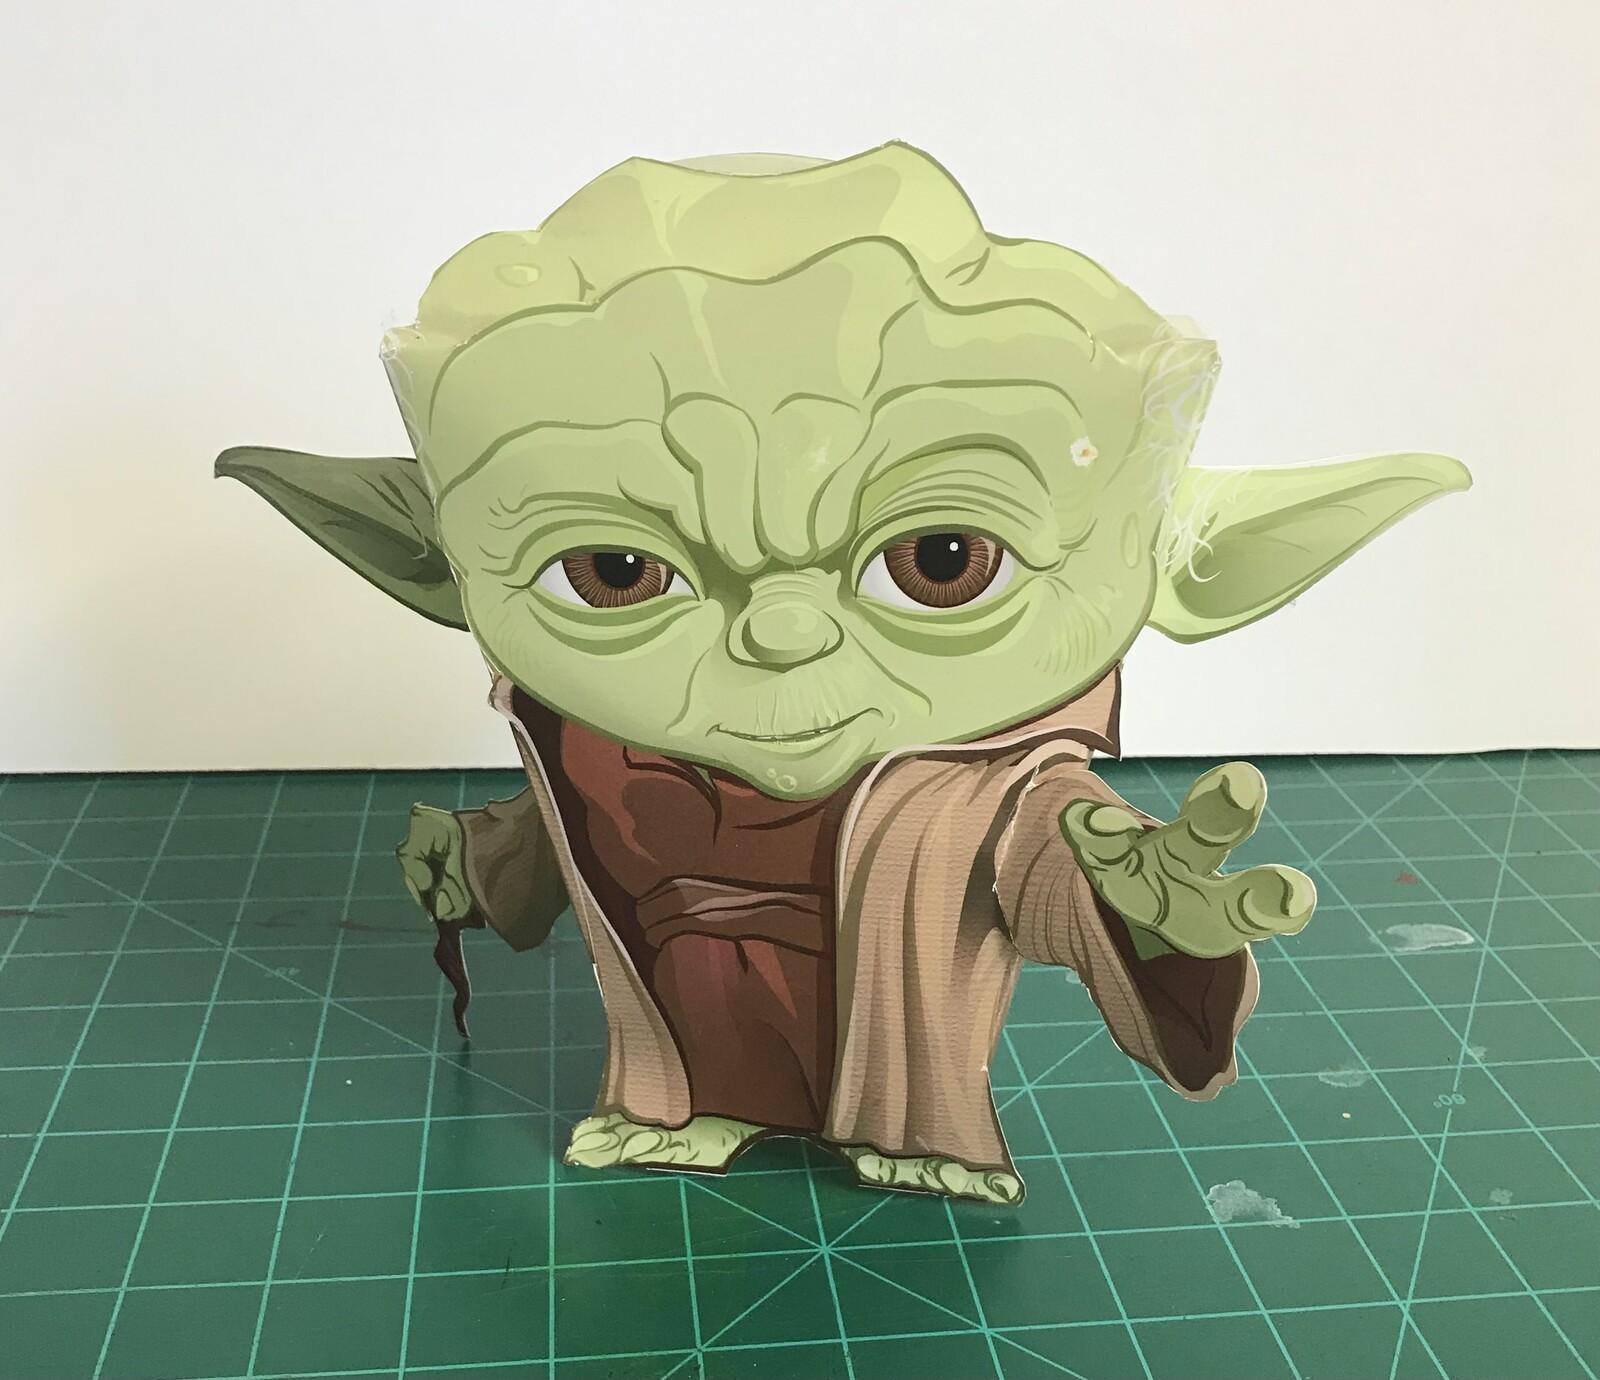 Yoda Qooplo